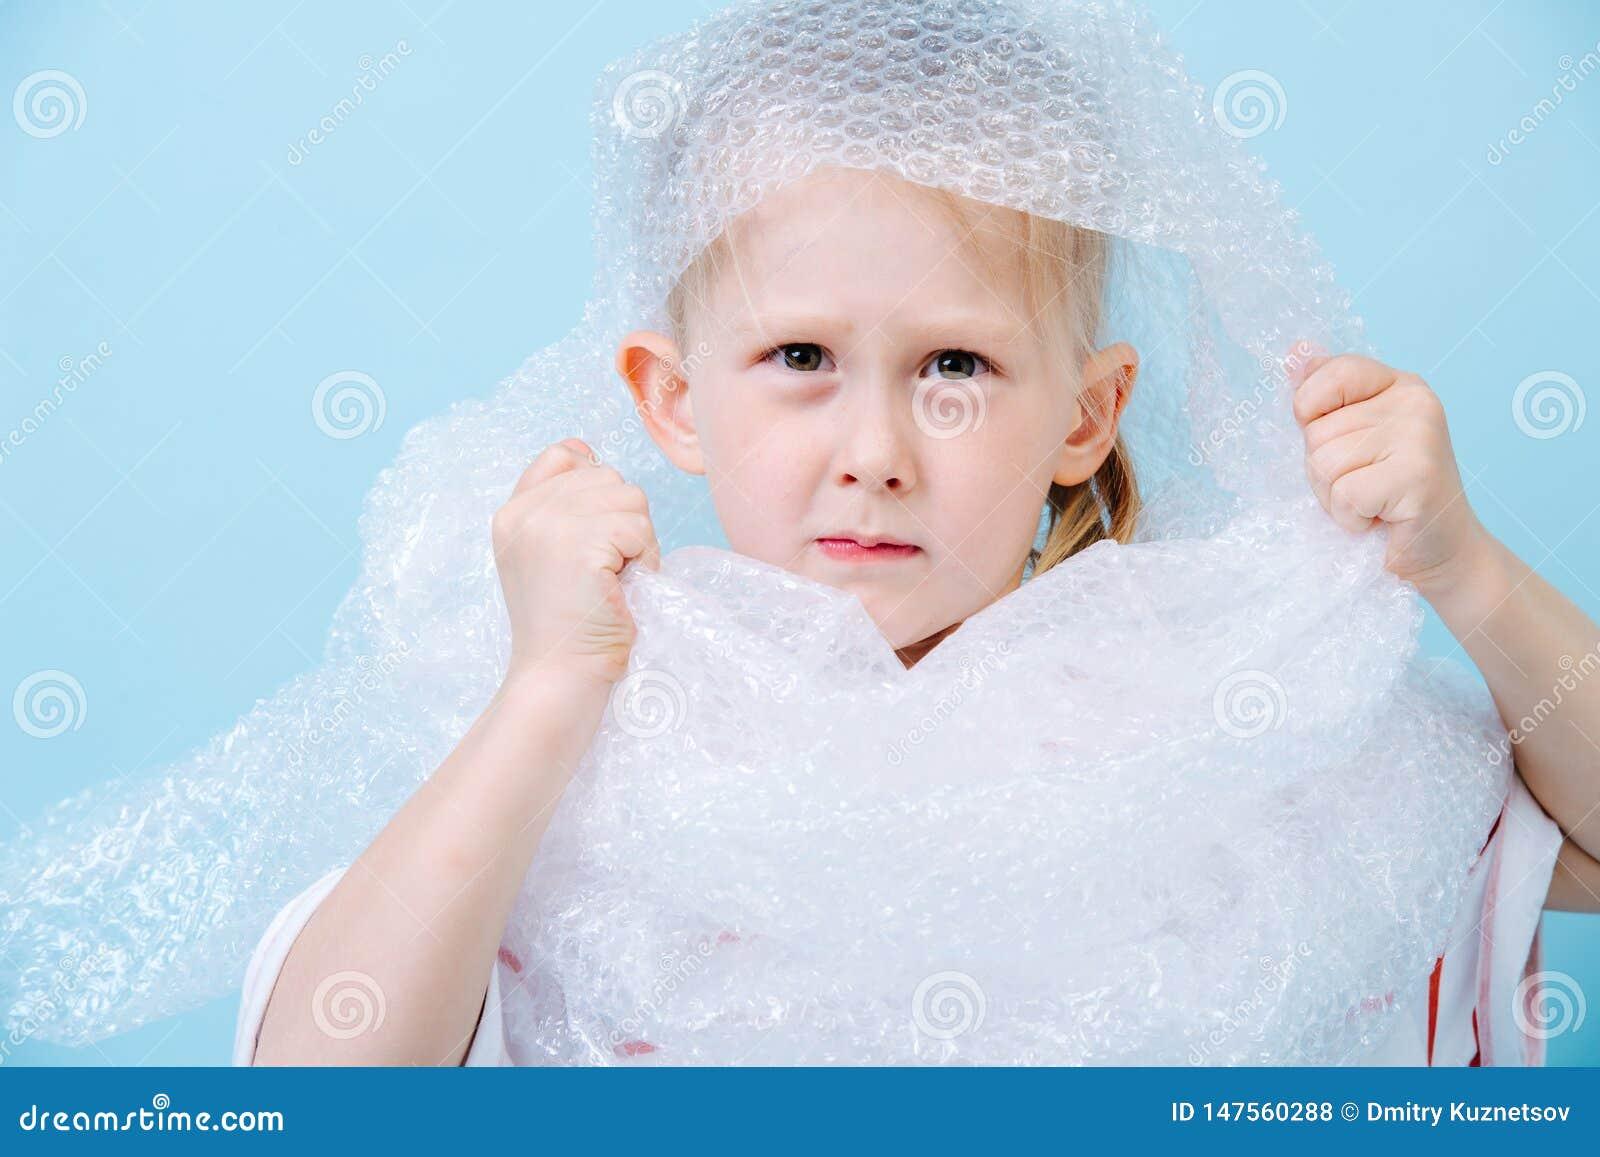 Pysen är den iklädda bubblade sjalen i protest av den förlorade krisen